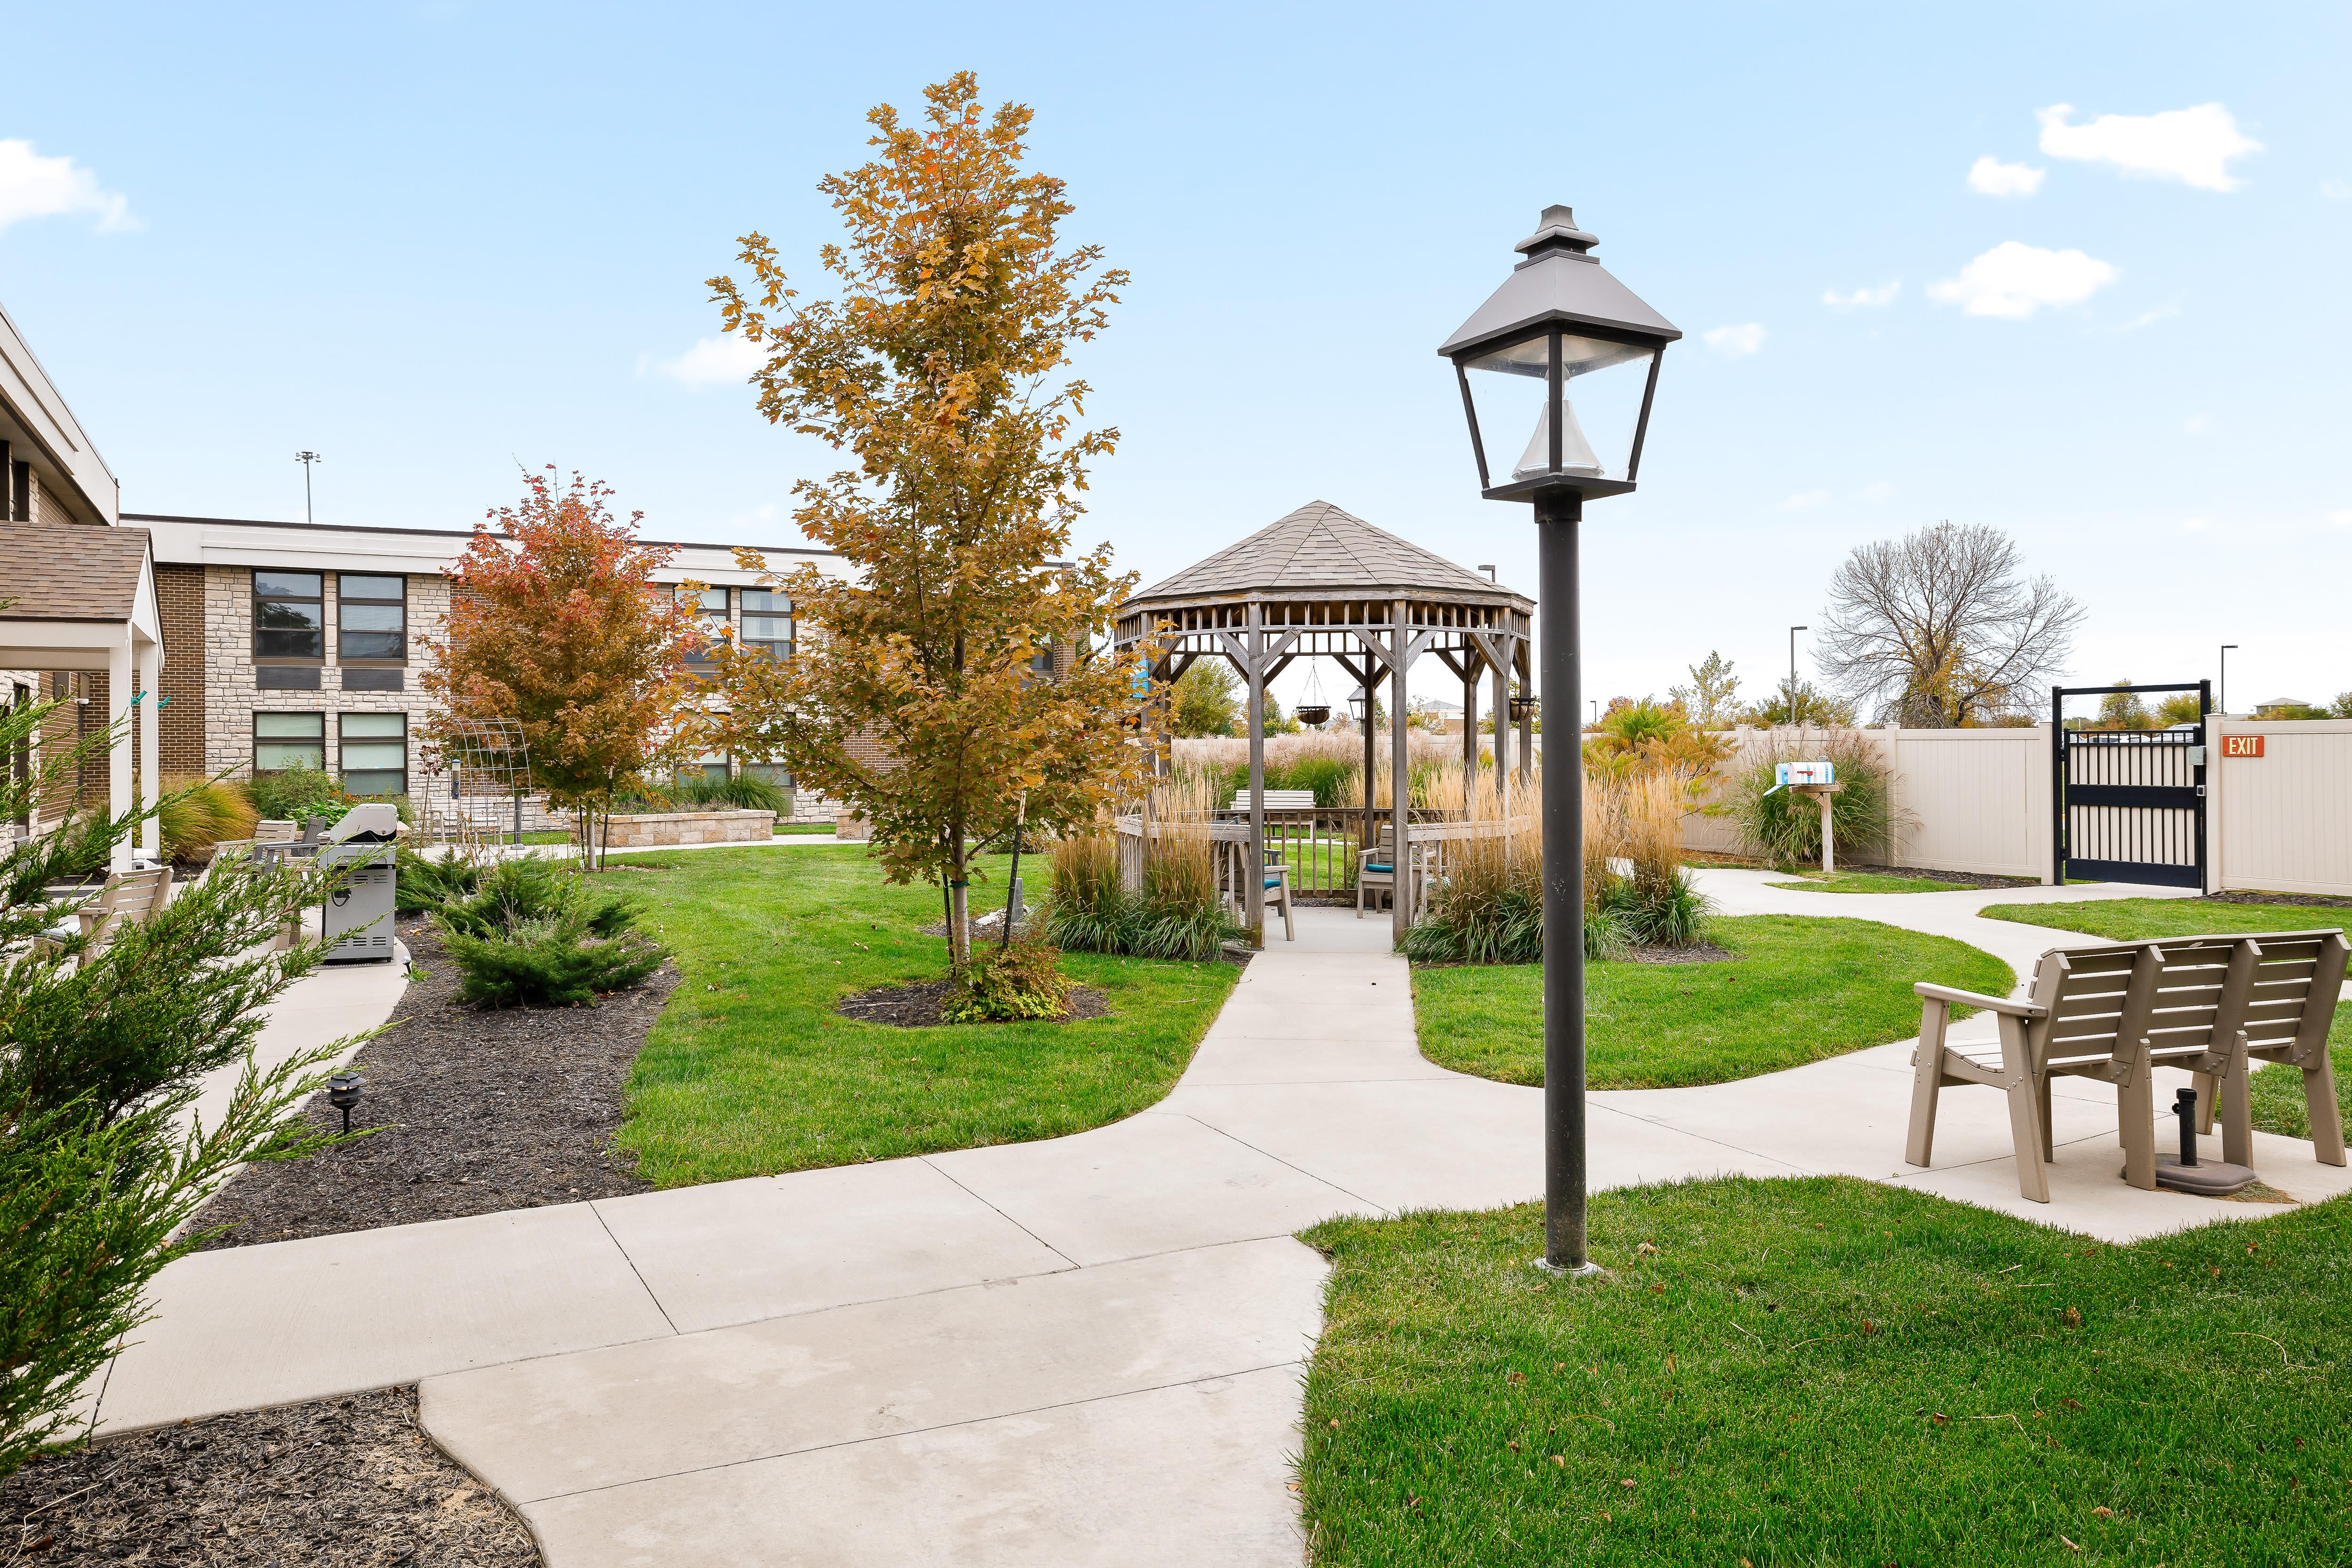 Courtyard at Anthology of Olathe in Olathe, Kansas